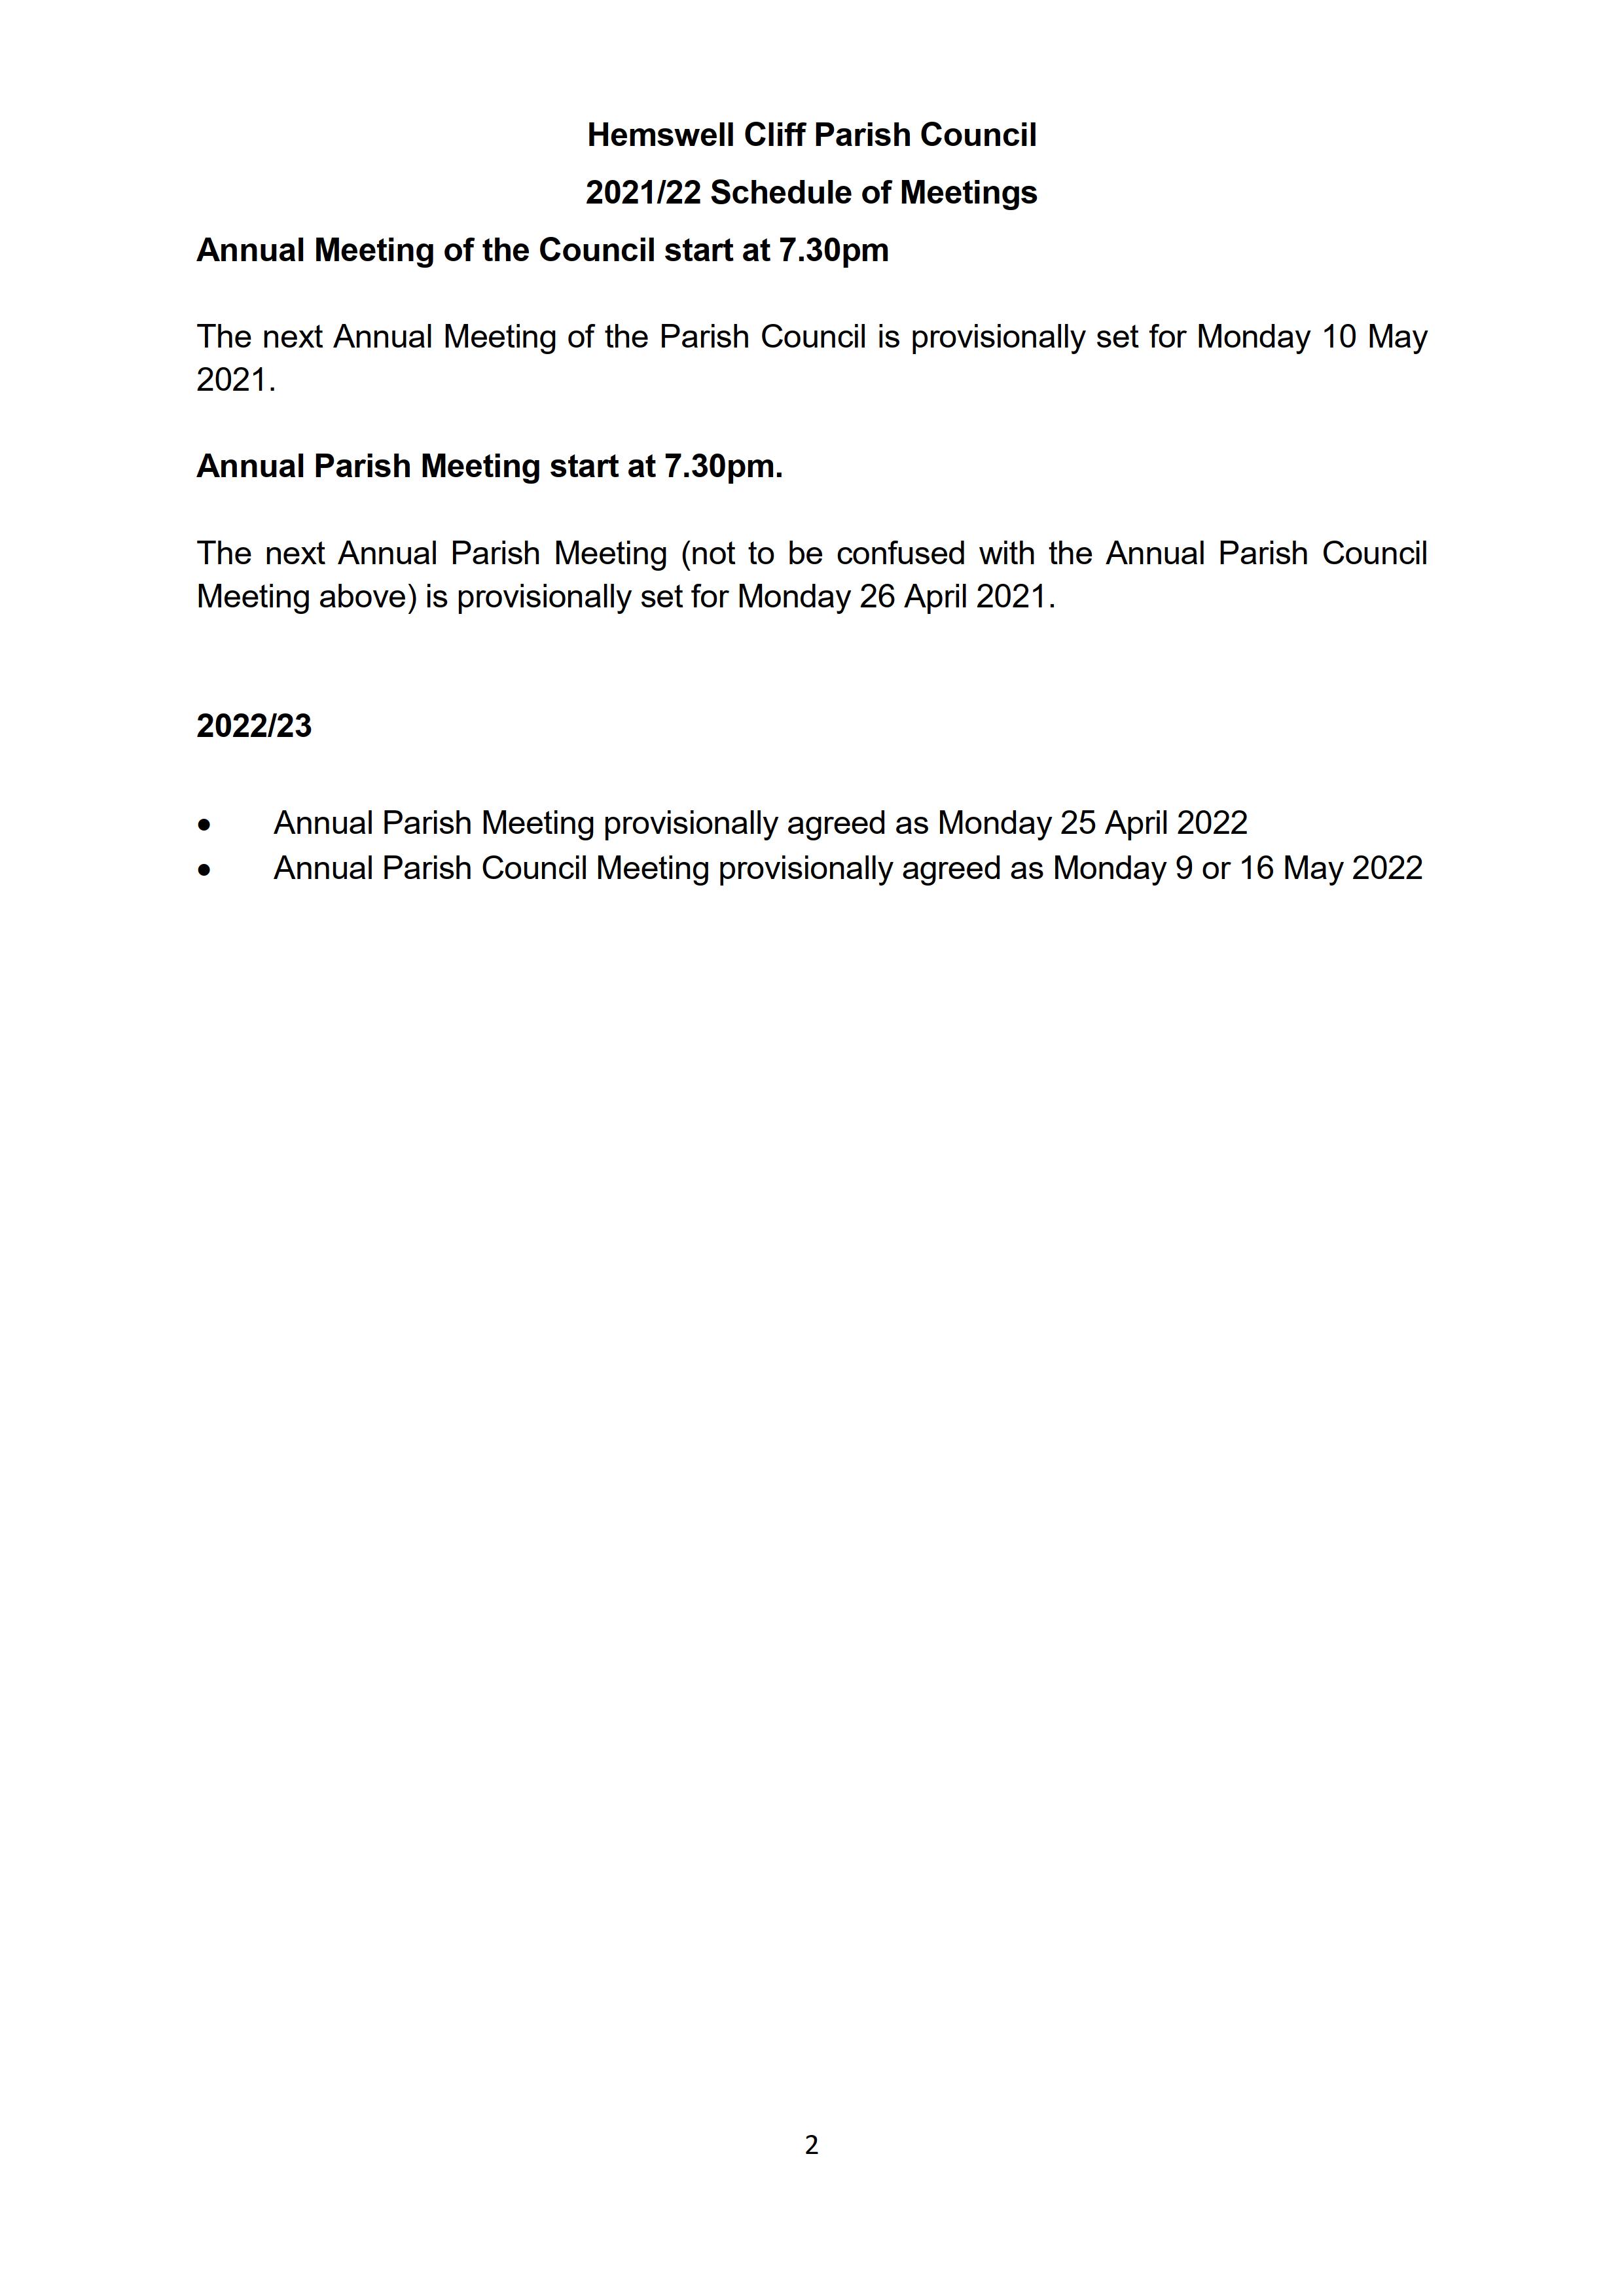 Item_21_Schedule_of_Meetings_2021_22_2.png